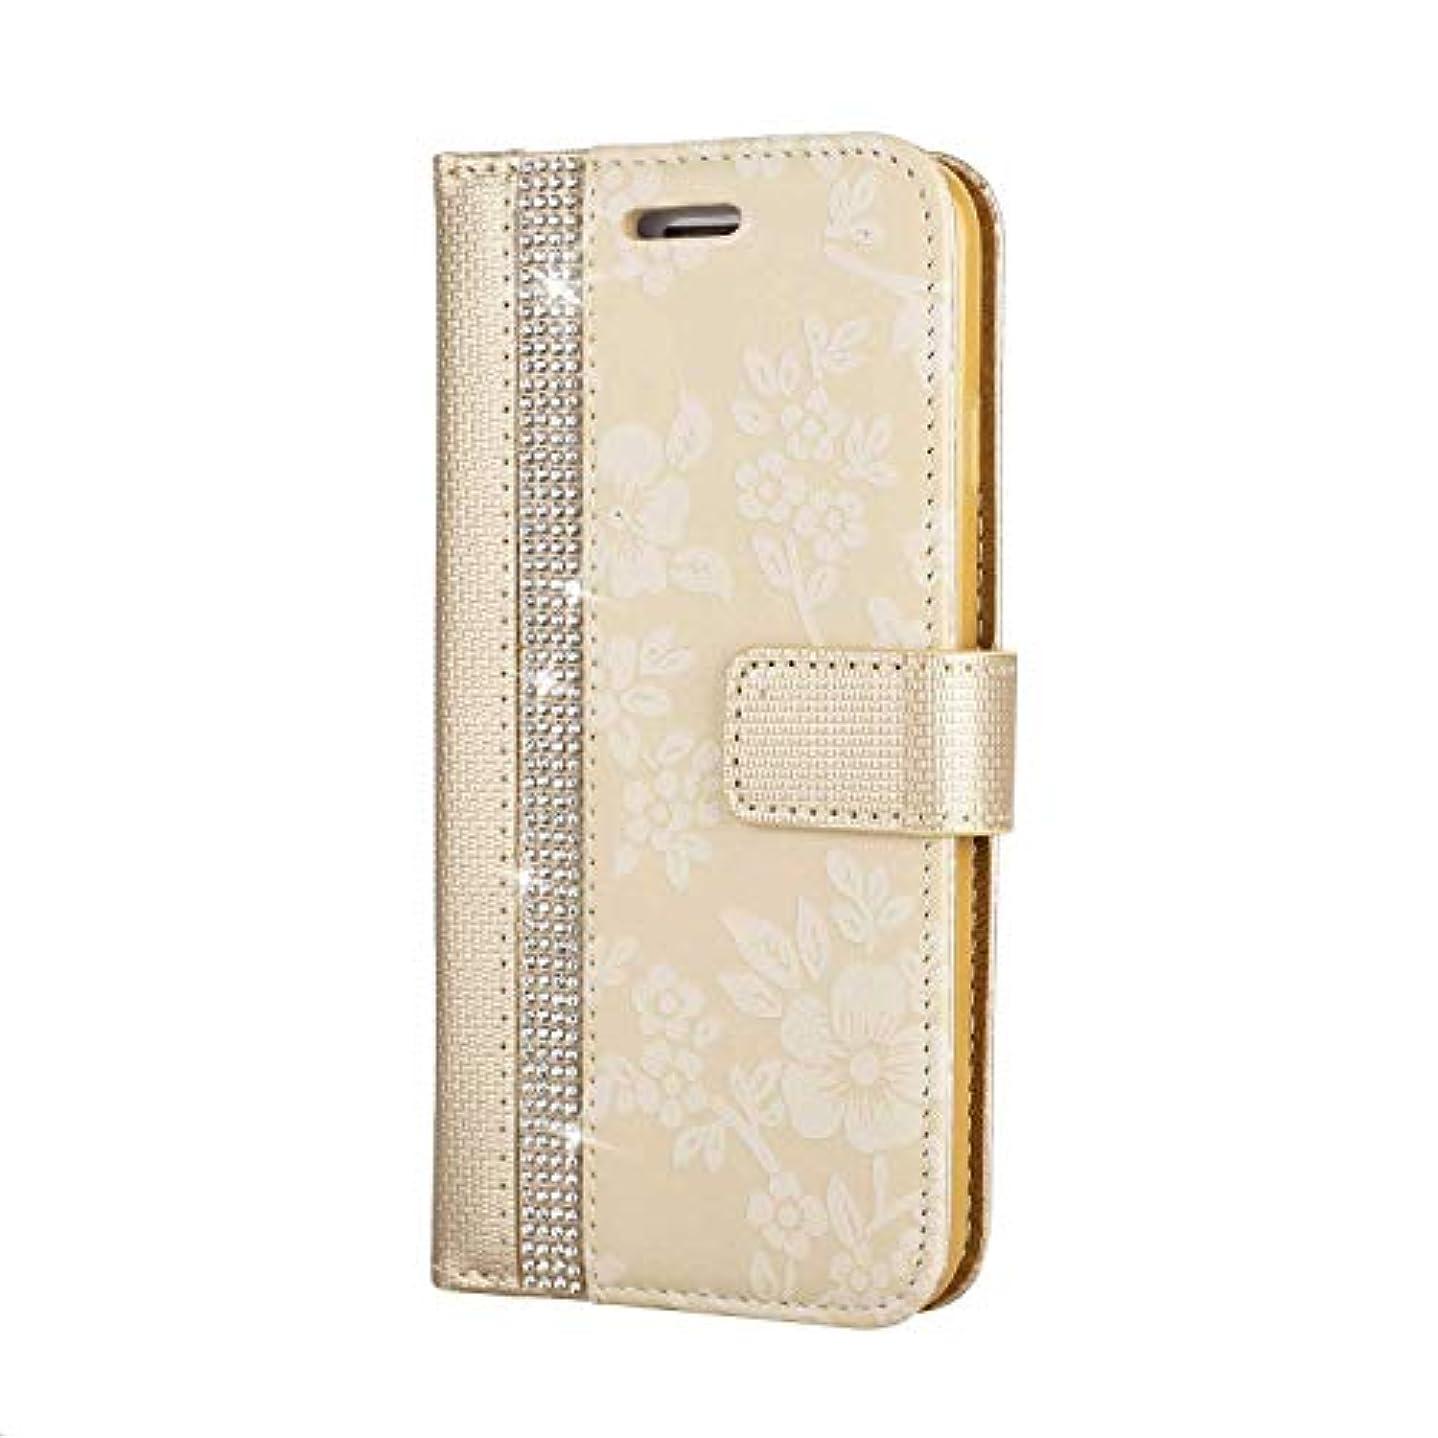 小さい休日助けてCUNUS iPhone 7 / iPhone 8 用 ウォレット ケース, プレミアム PUレザー 全面保護 ケース 耐衝撃 スタンド機能 耐汚れ カード収納 カバー, ゴールド